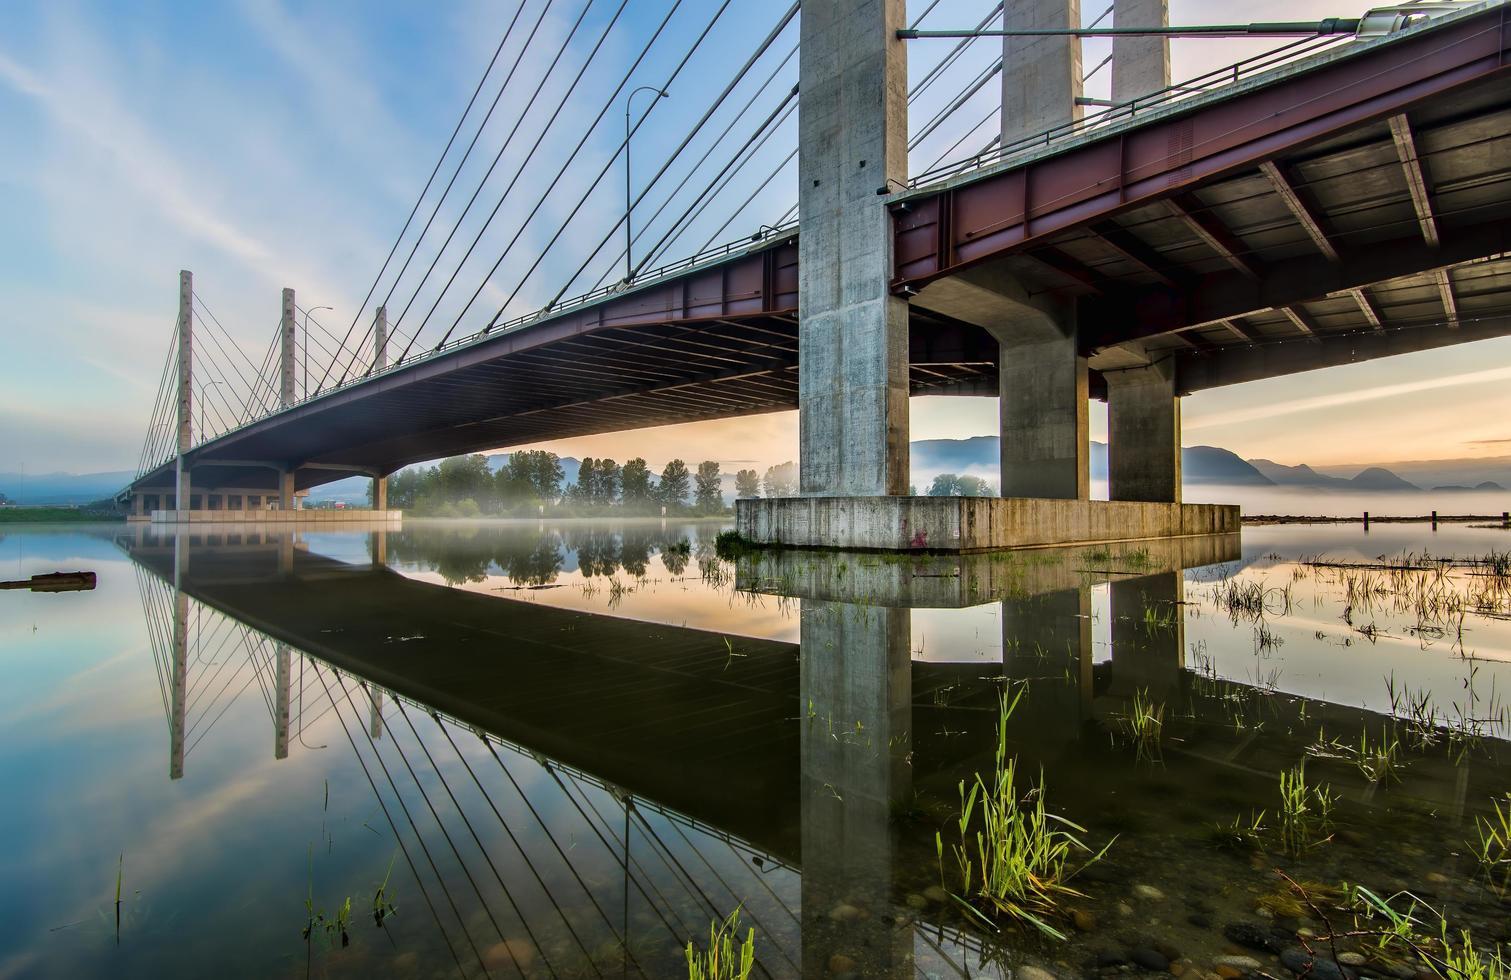 Pitt River Bridge at dusk photo